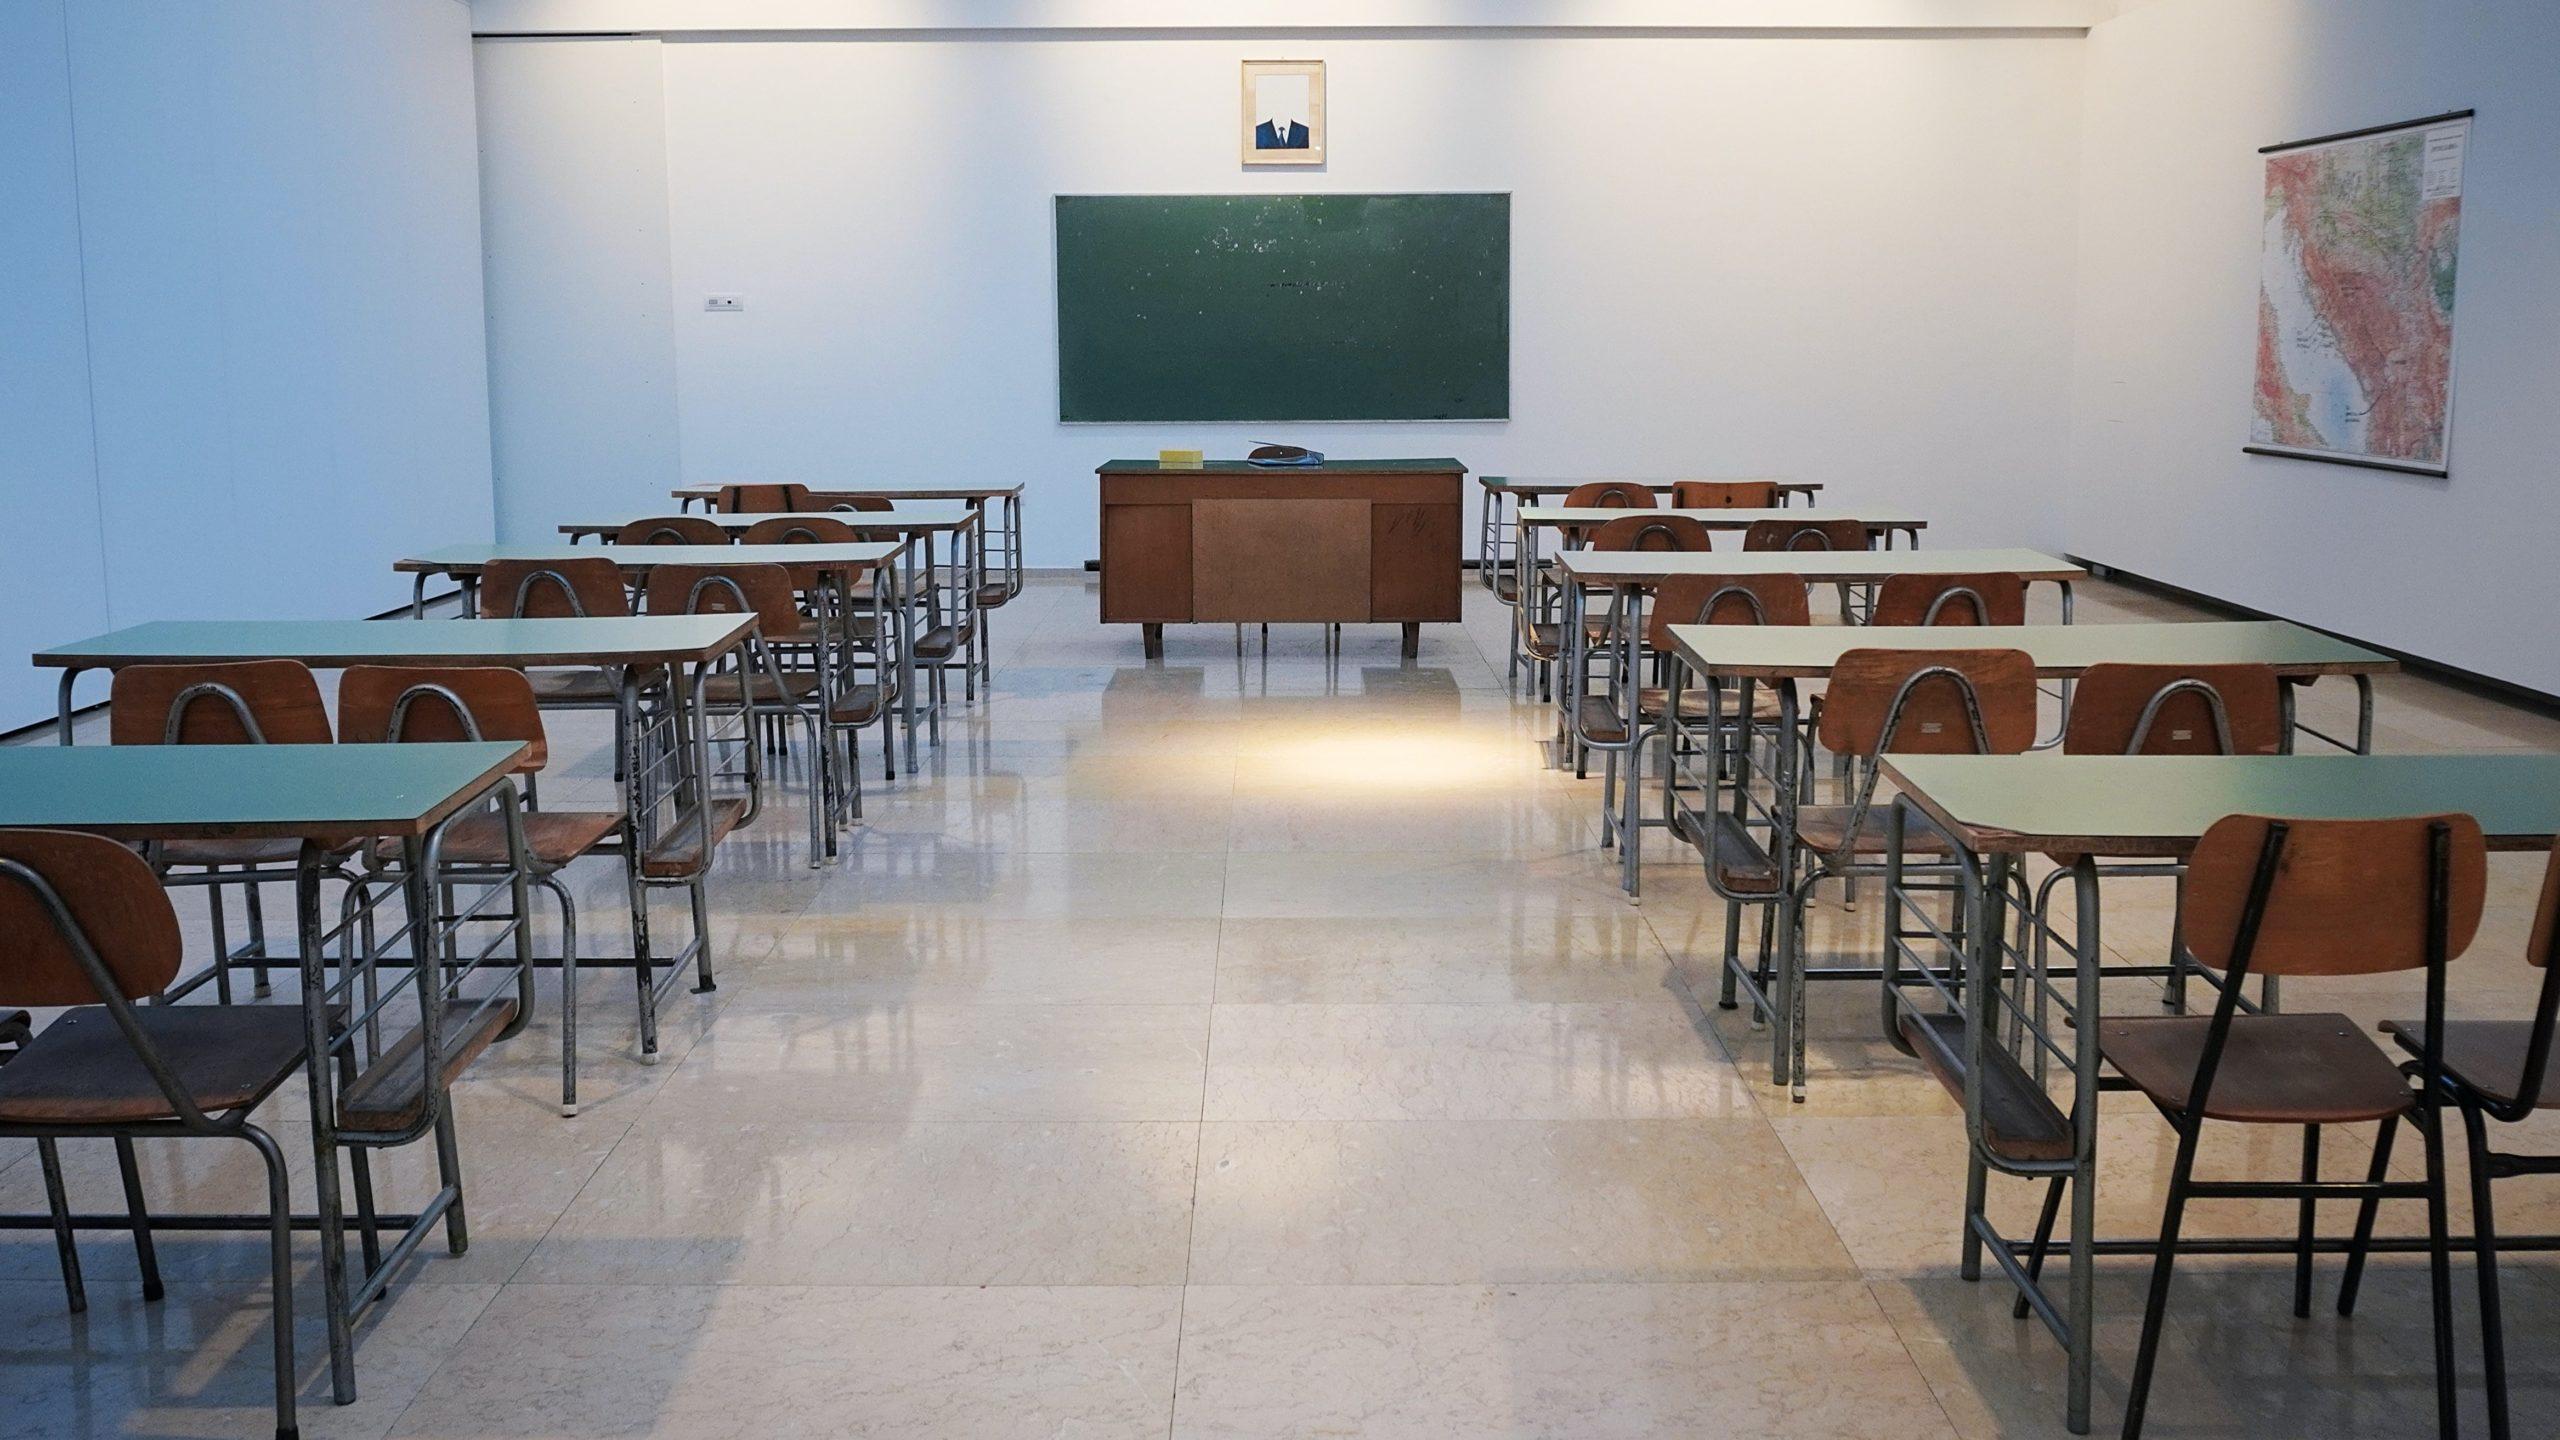 麻生太郎の学歴(高校・大学)は?英語が流暢な理由は2回の留学!